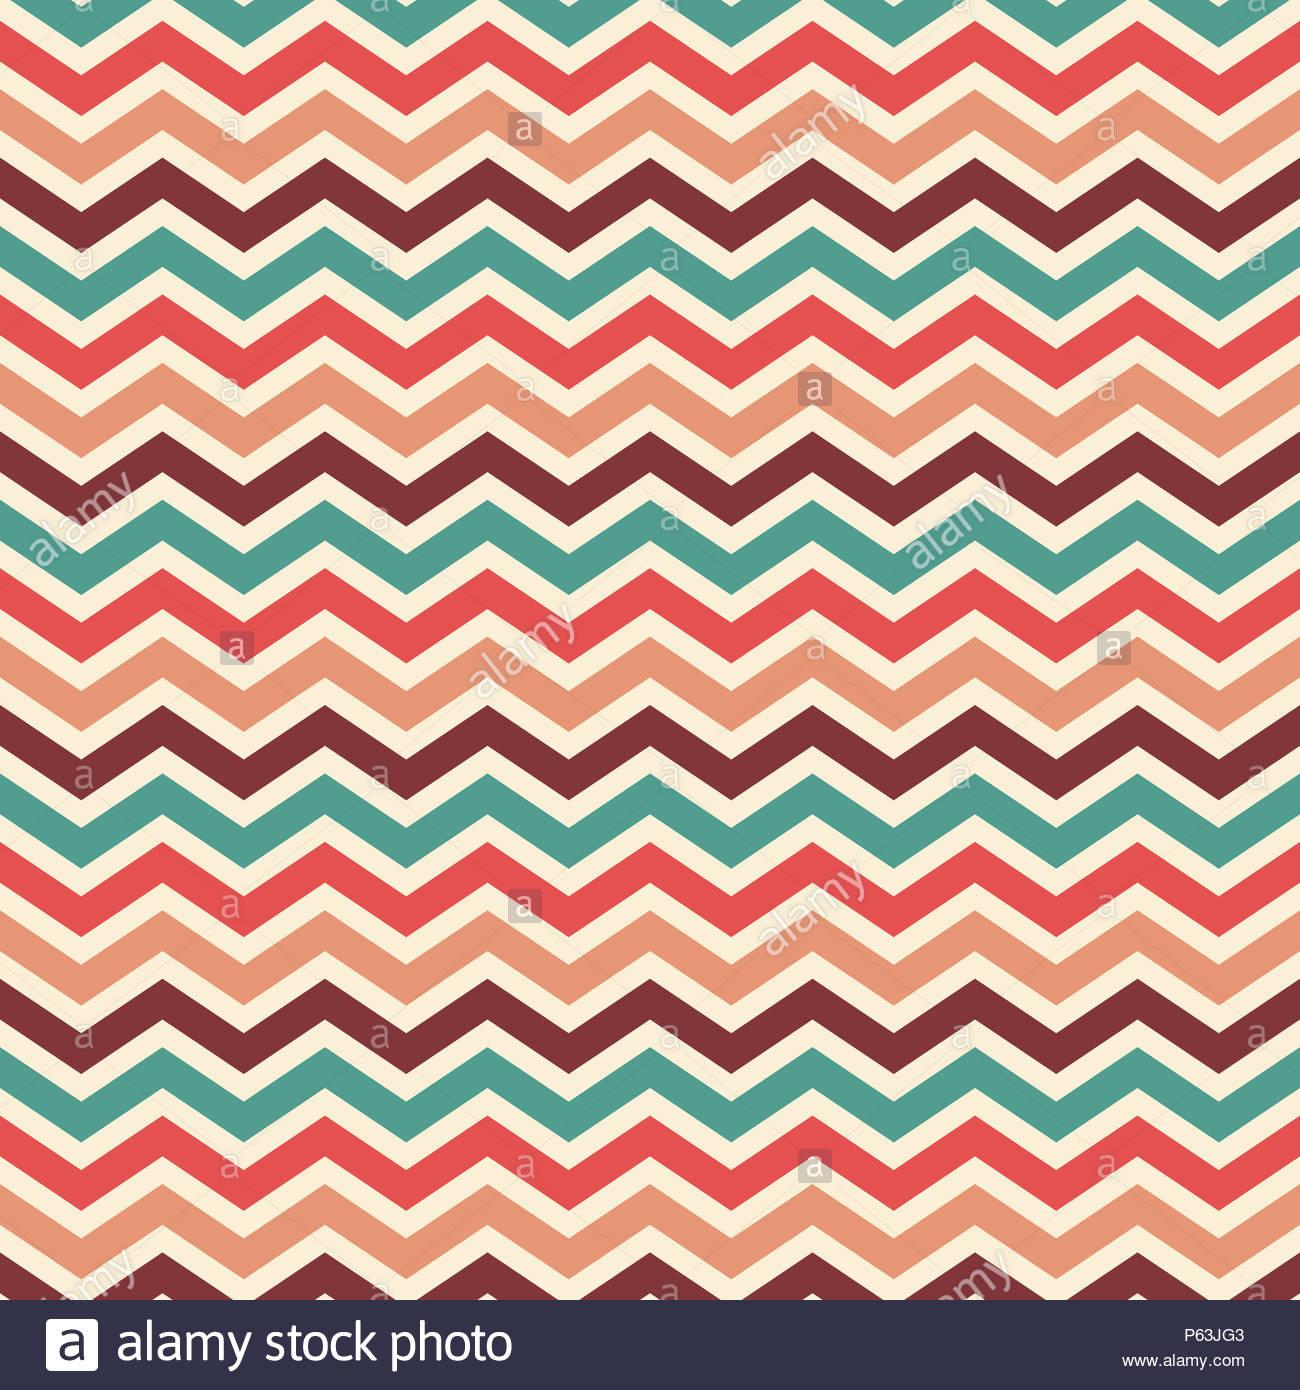 retro chevron striped background wallpaper in vintage color 1300x1390